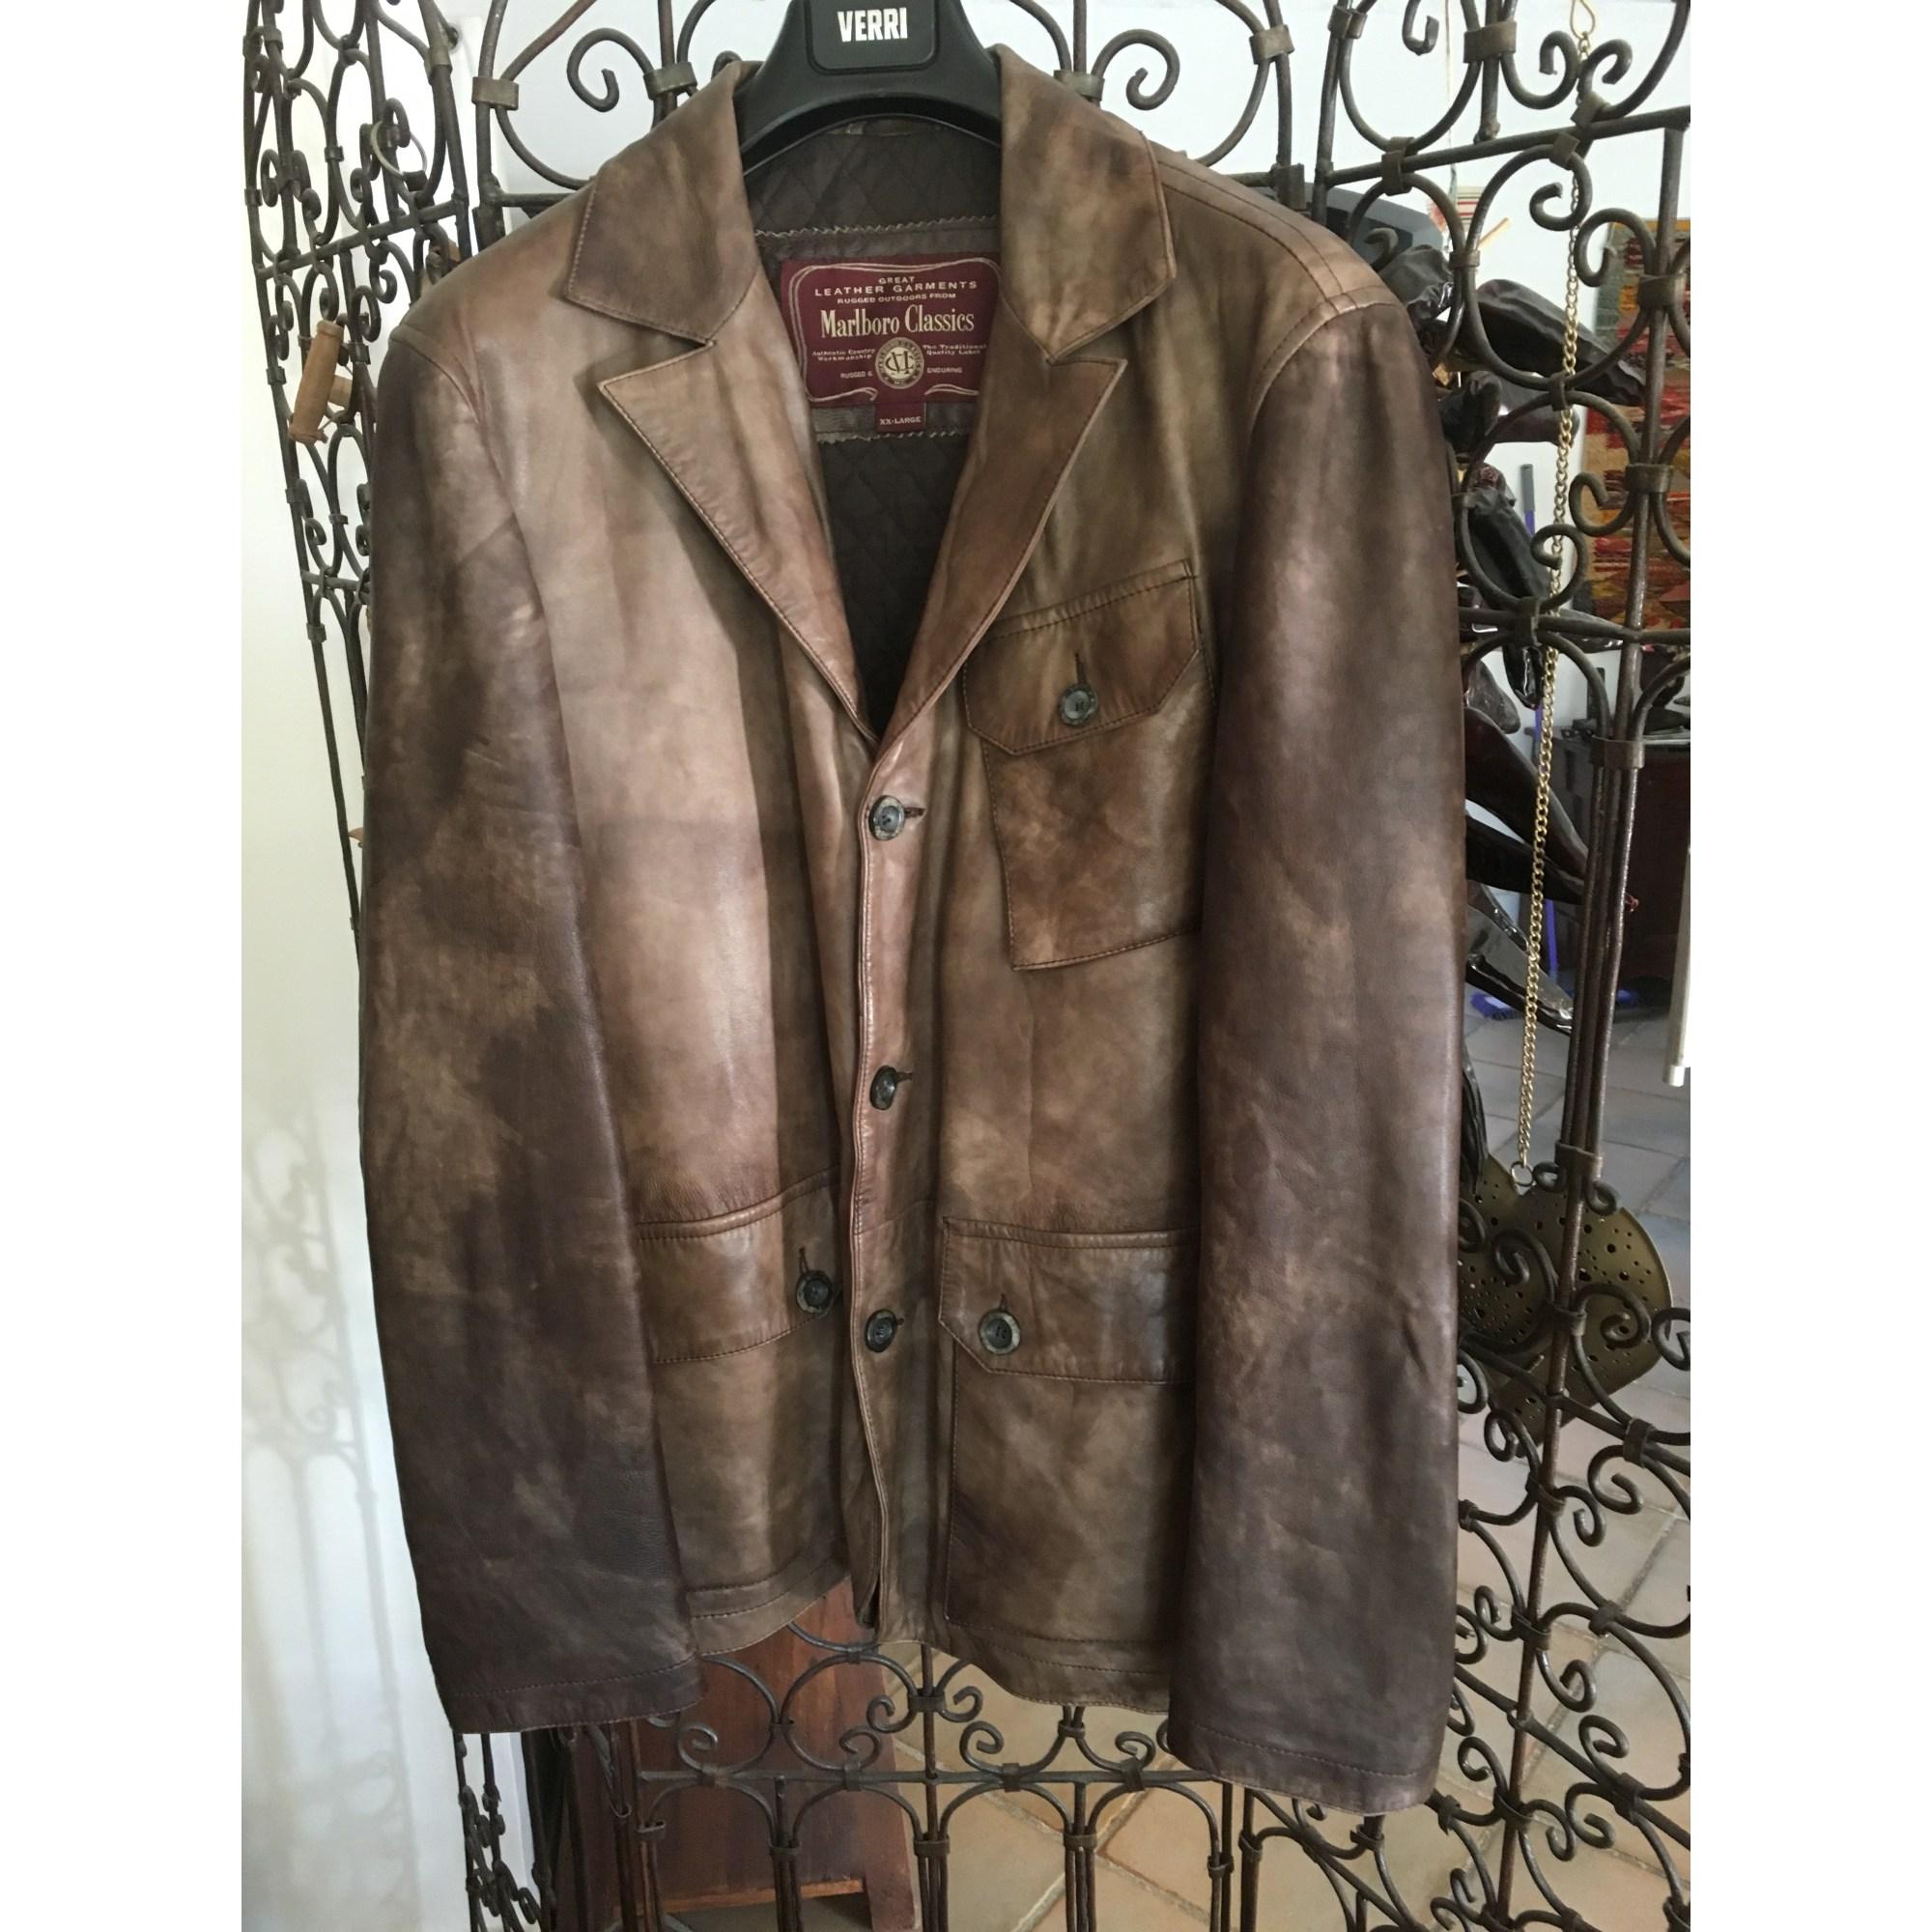 Veste manteau manche cuir